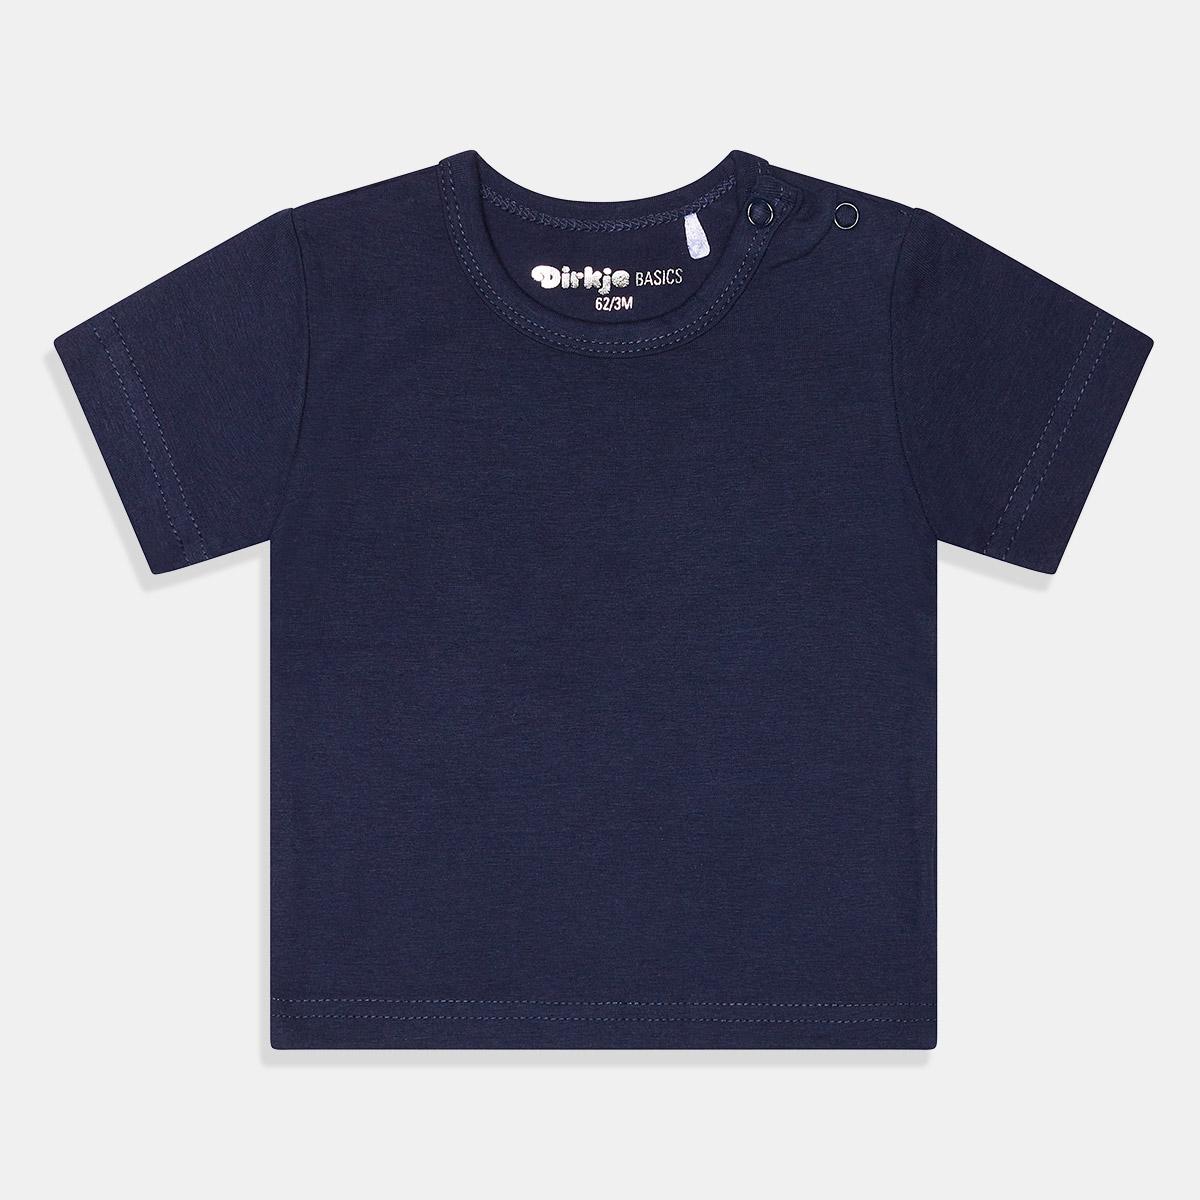 Тениска едноцветна синя Dirkje